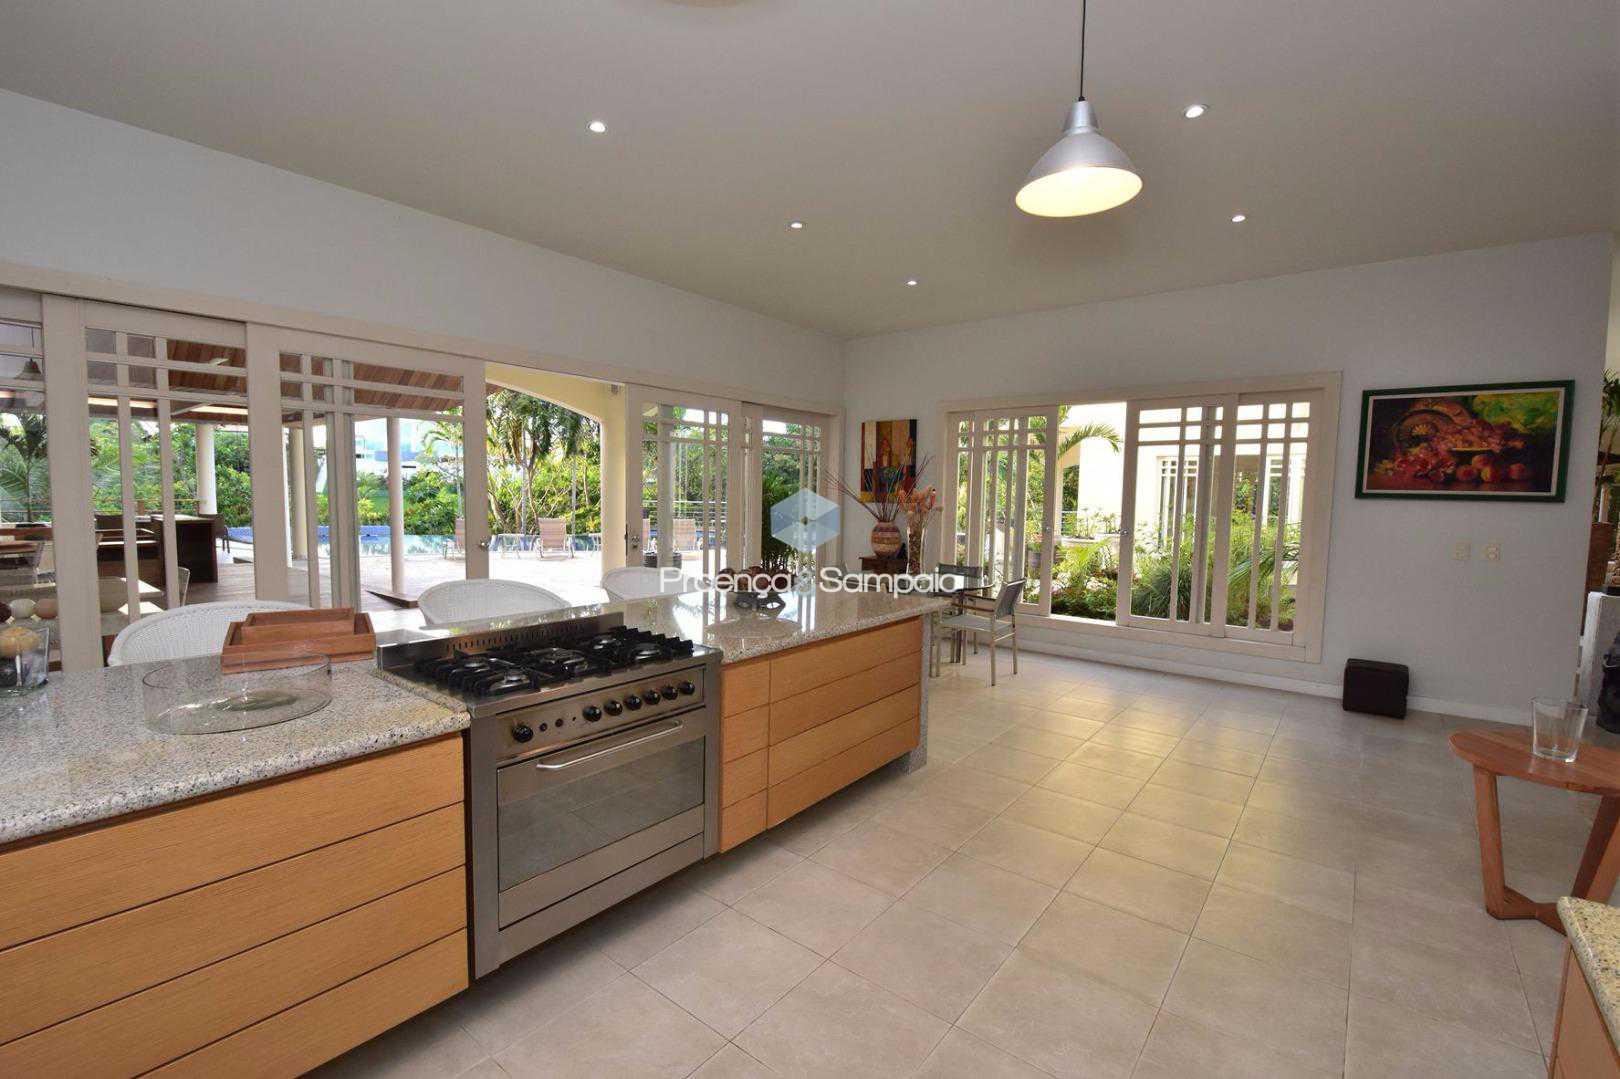 FOTO11 - Casa em Condomínio 5 quartos à venda Lauro de Freitas,BA - R$ 6.000.000 - PSCN50015 - 13